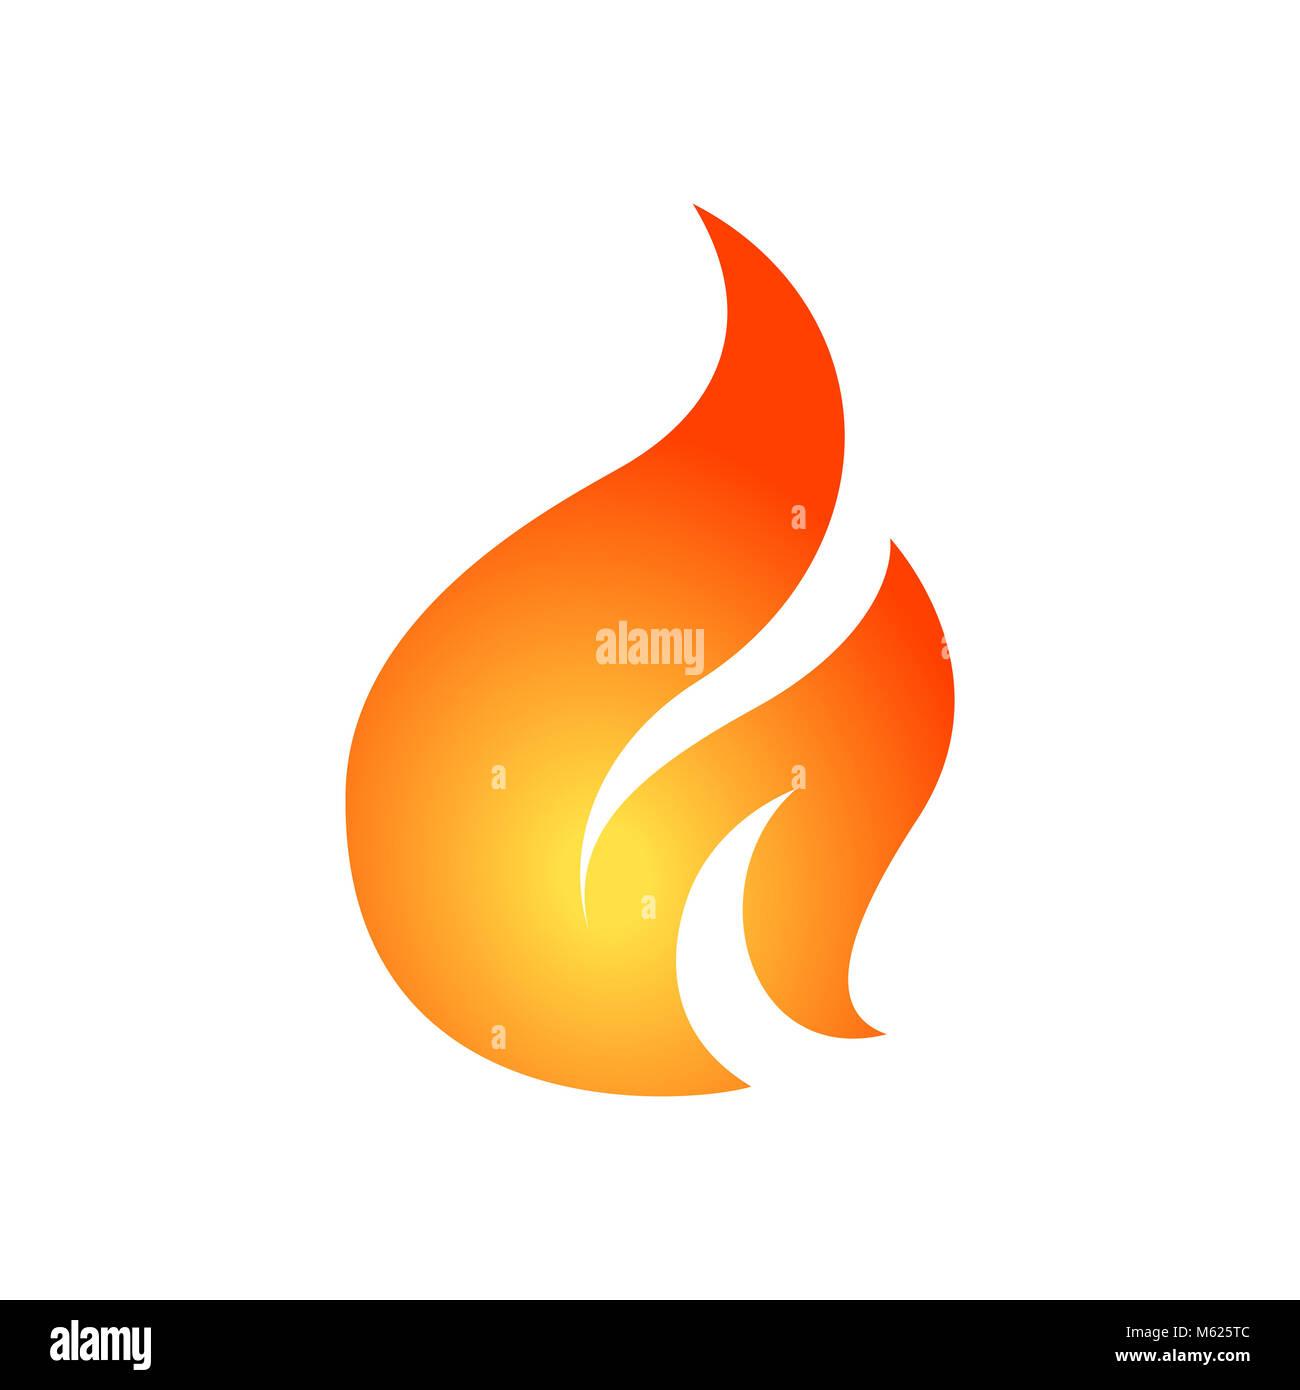 Fire Flame Logo Design Vector Stock Photos & Fire Flame Logo Design ...